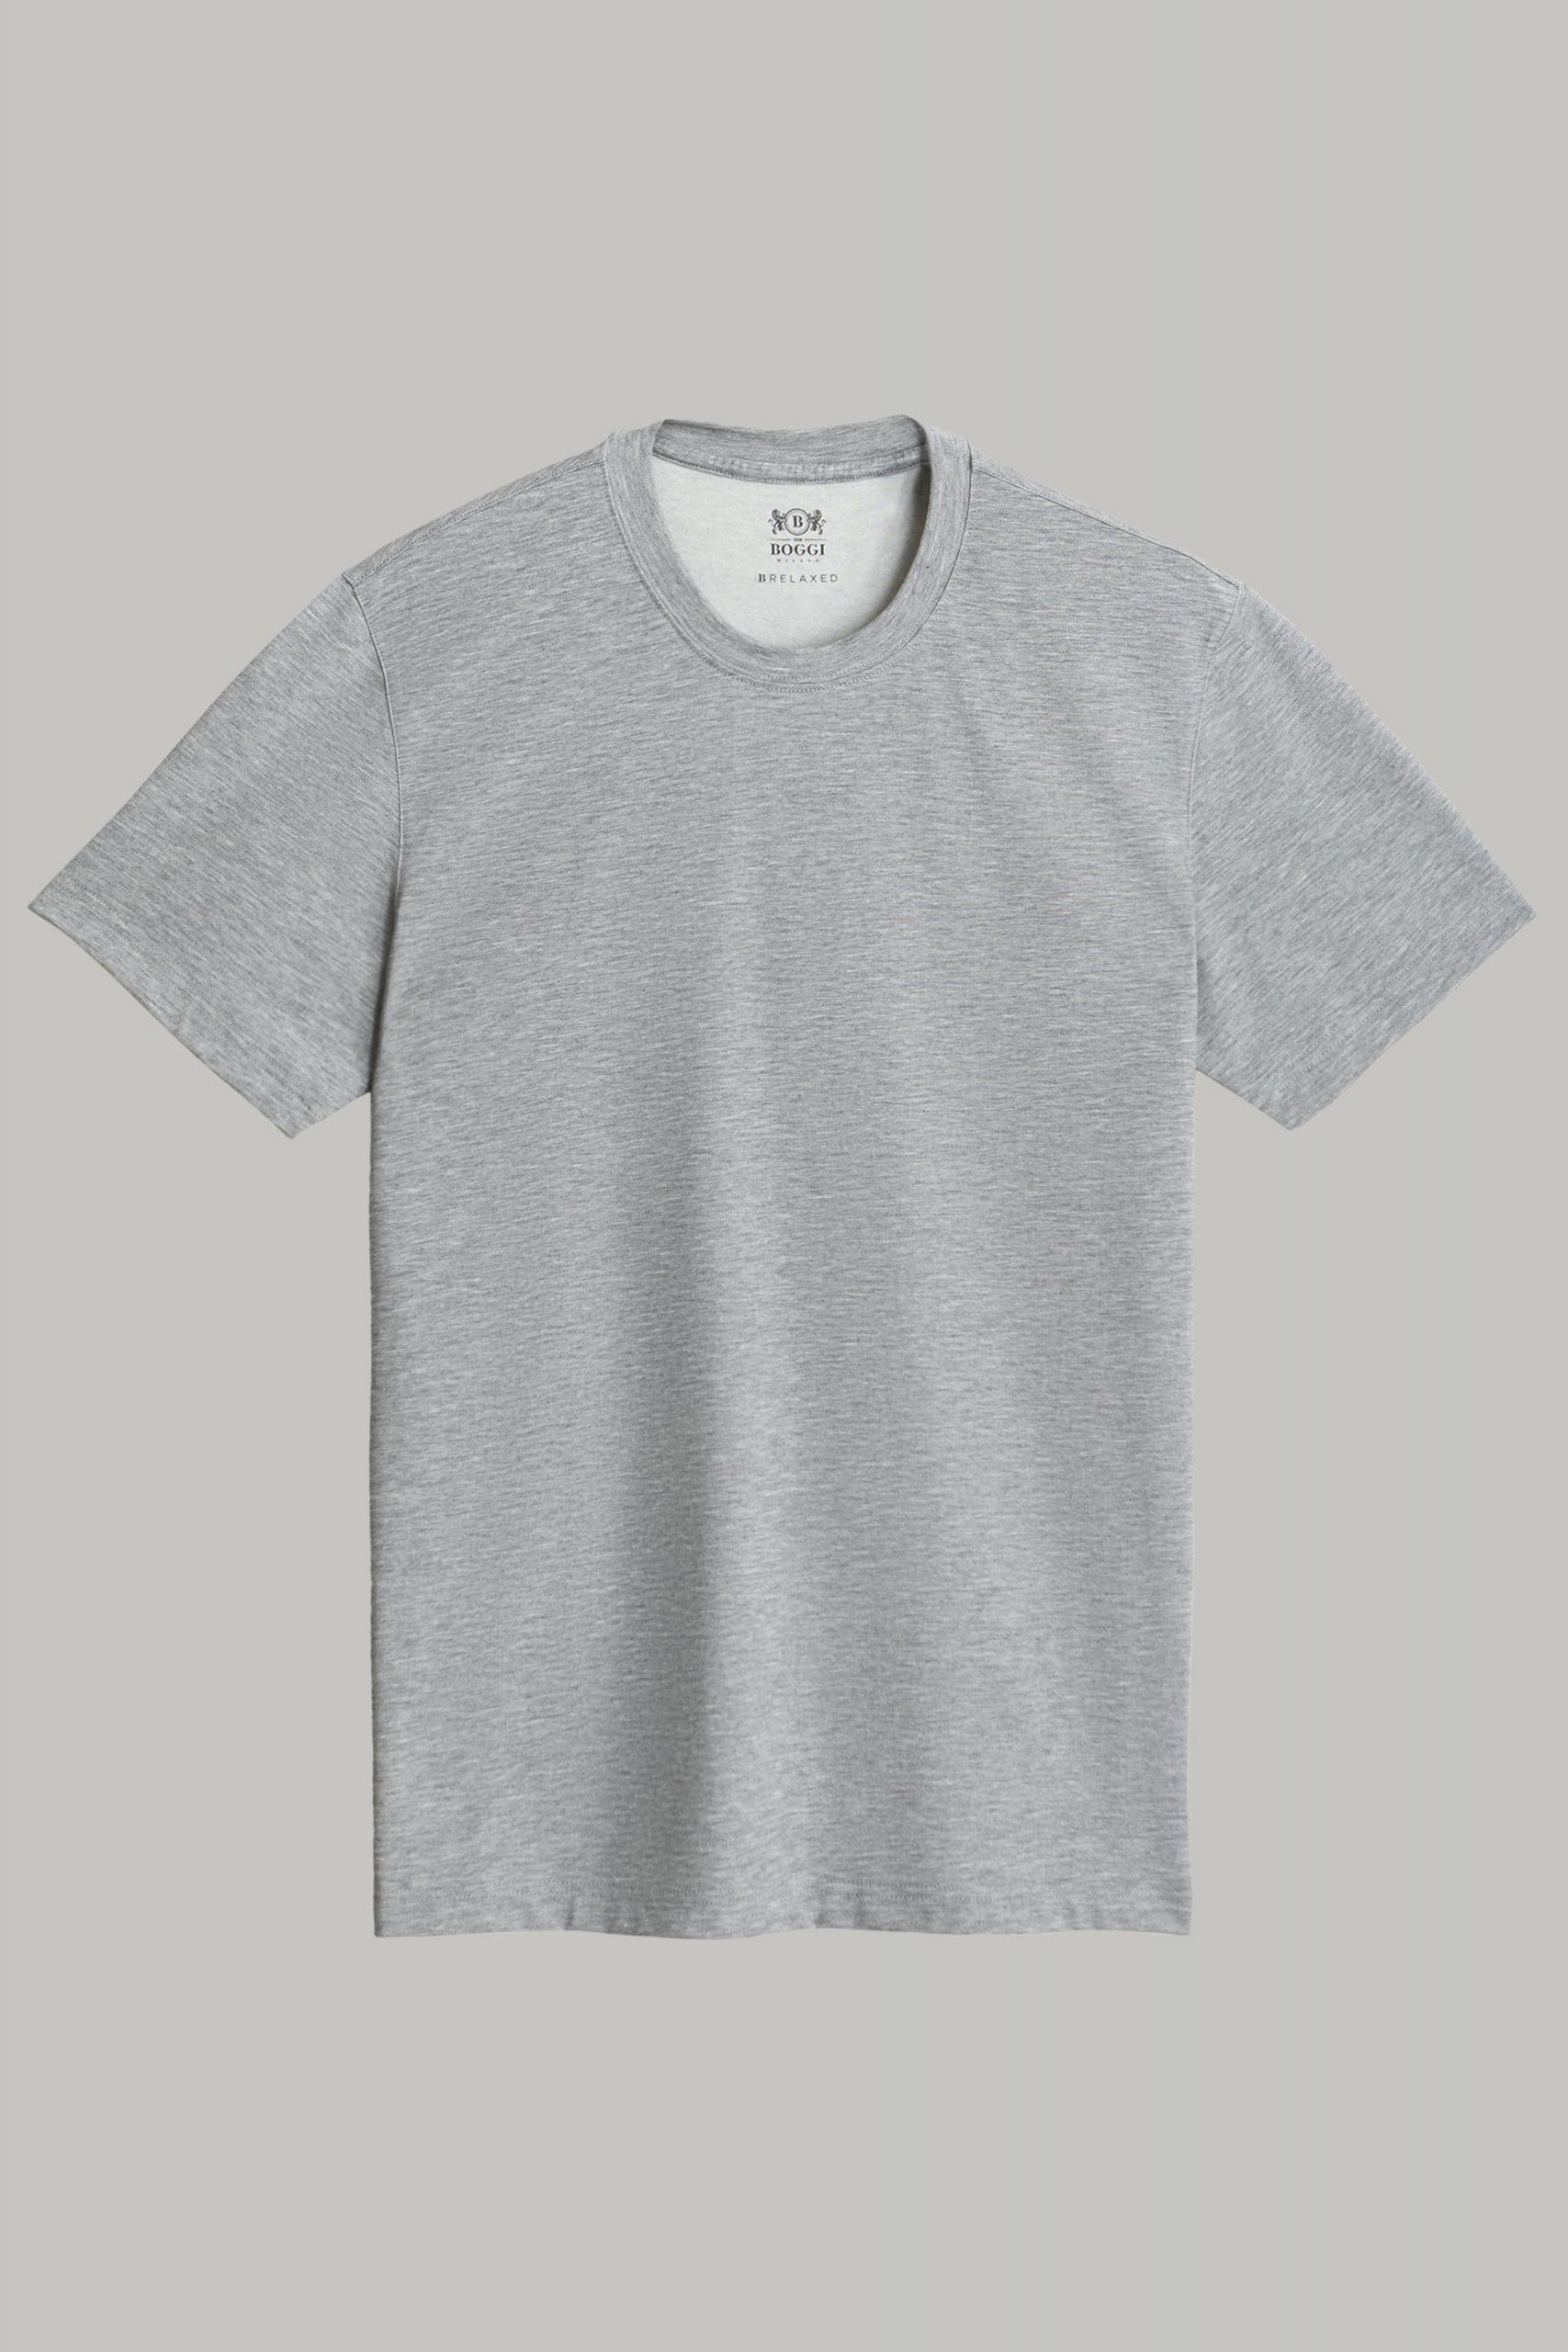 T-Shirts da uomo in colore Grigio scuro in materiale